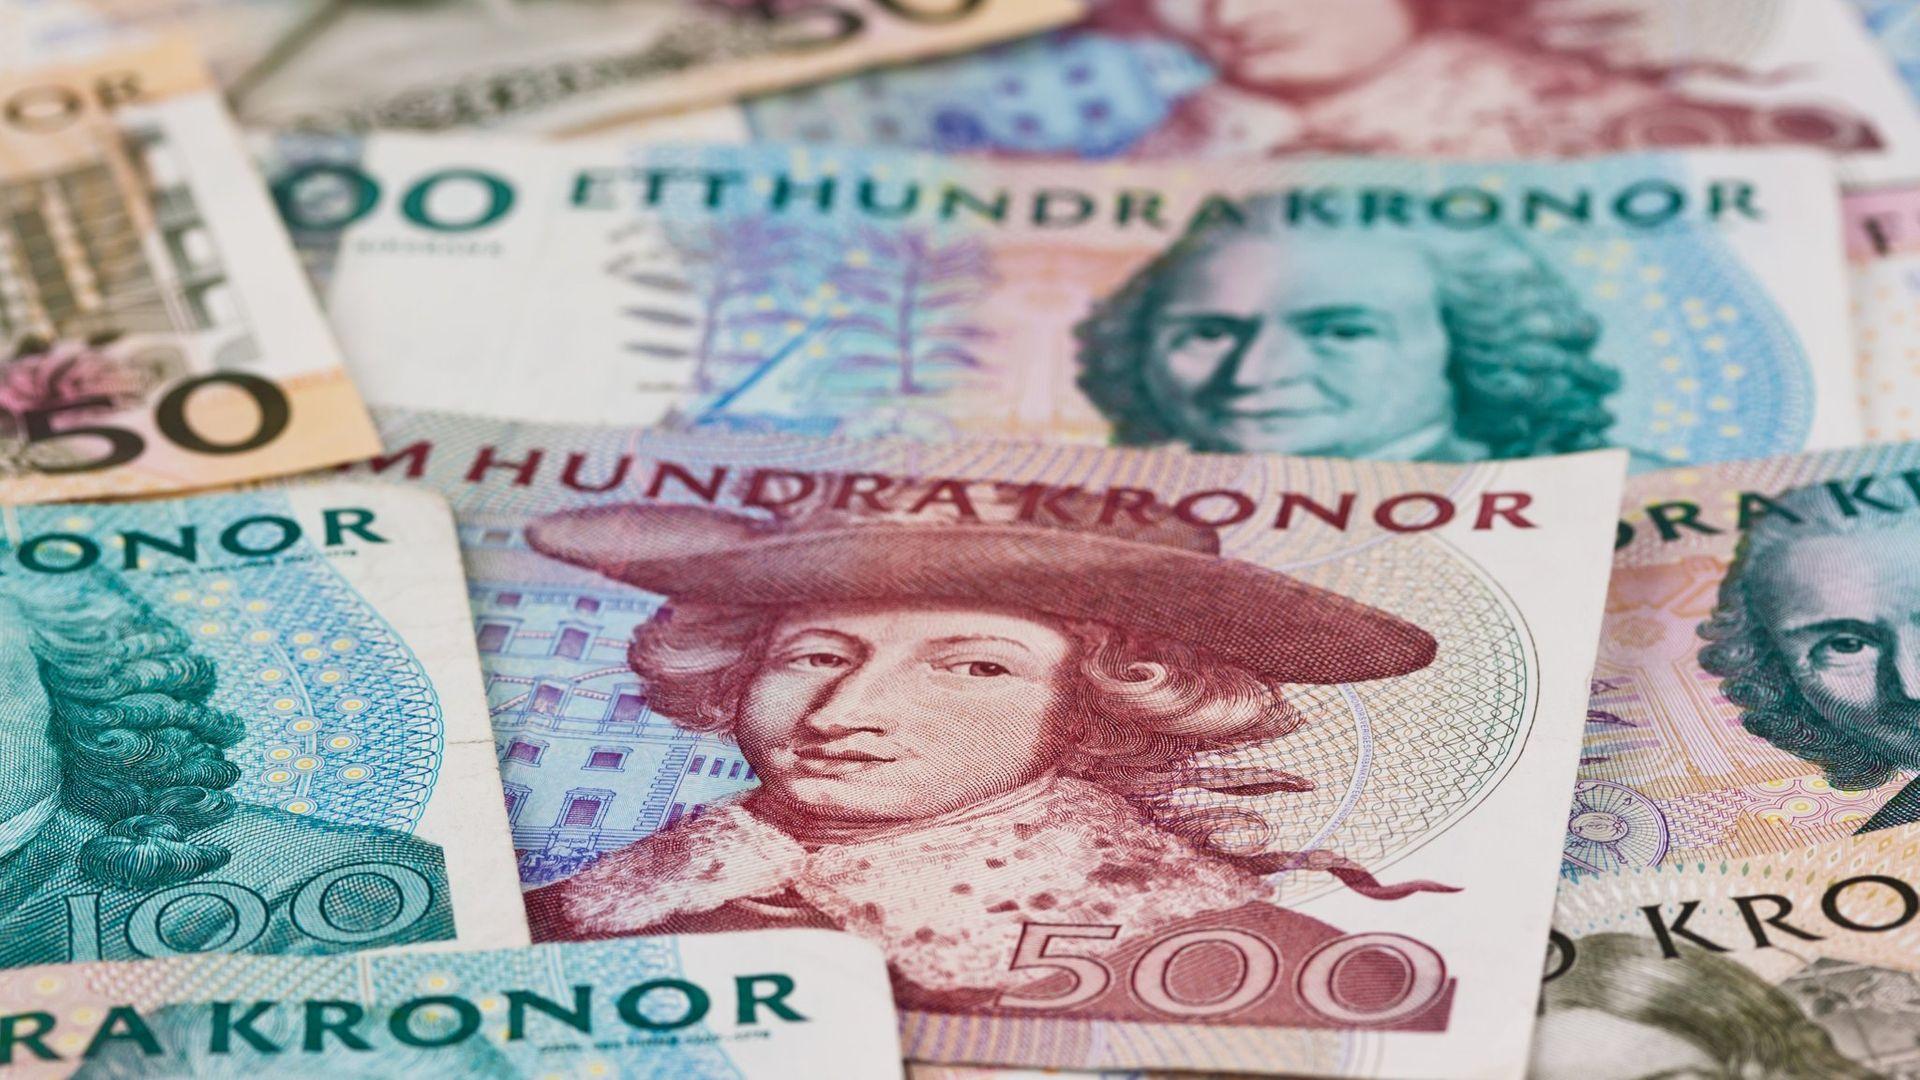 Swedish kronor bank notes.